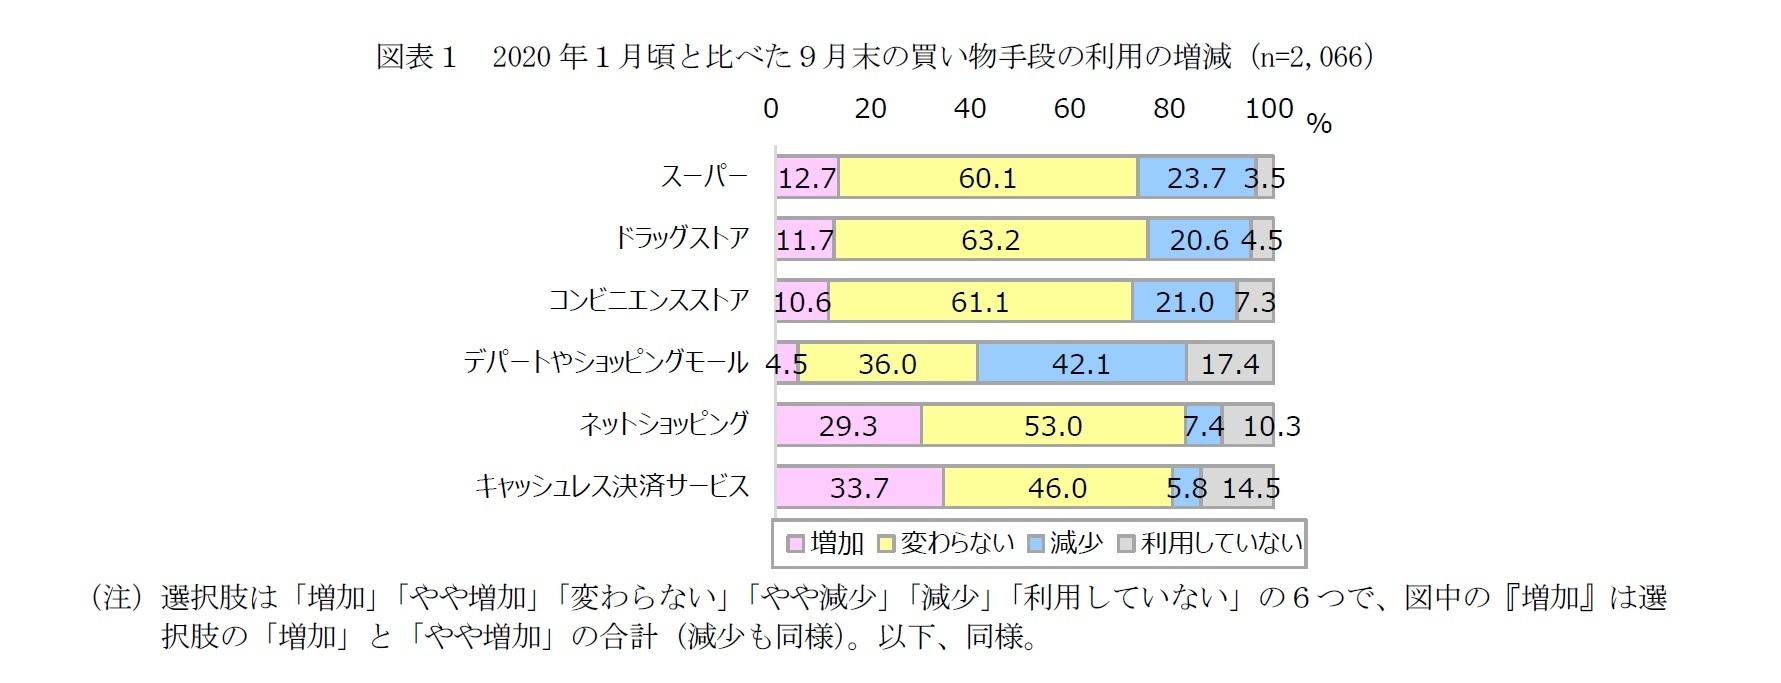 図表1 2020年1月頃と比べた9月末の買い物手段の利用の増減(n=2,066)